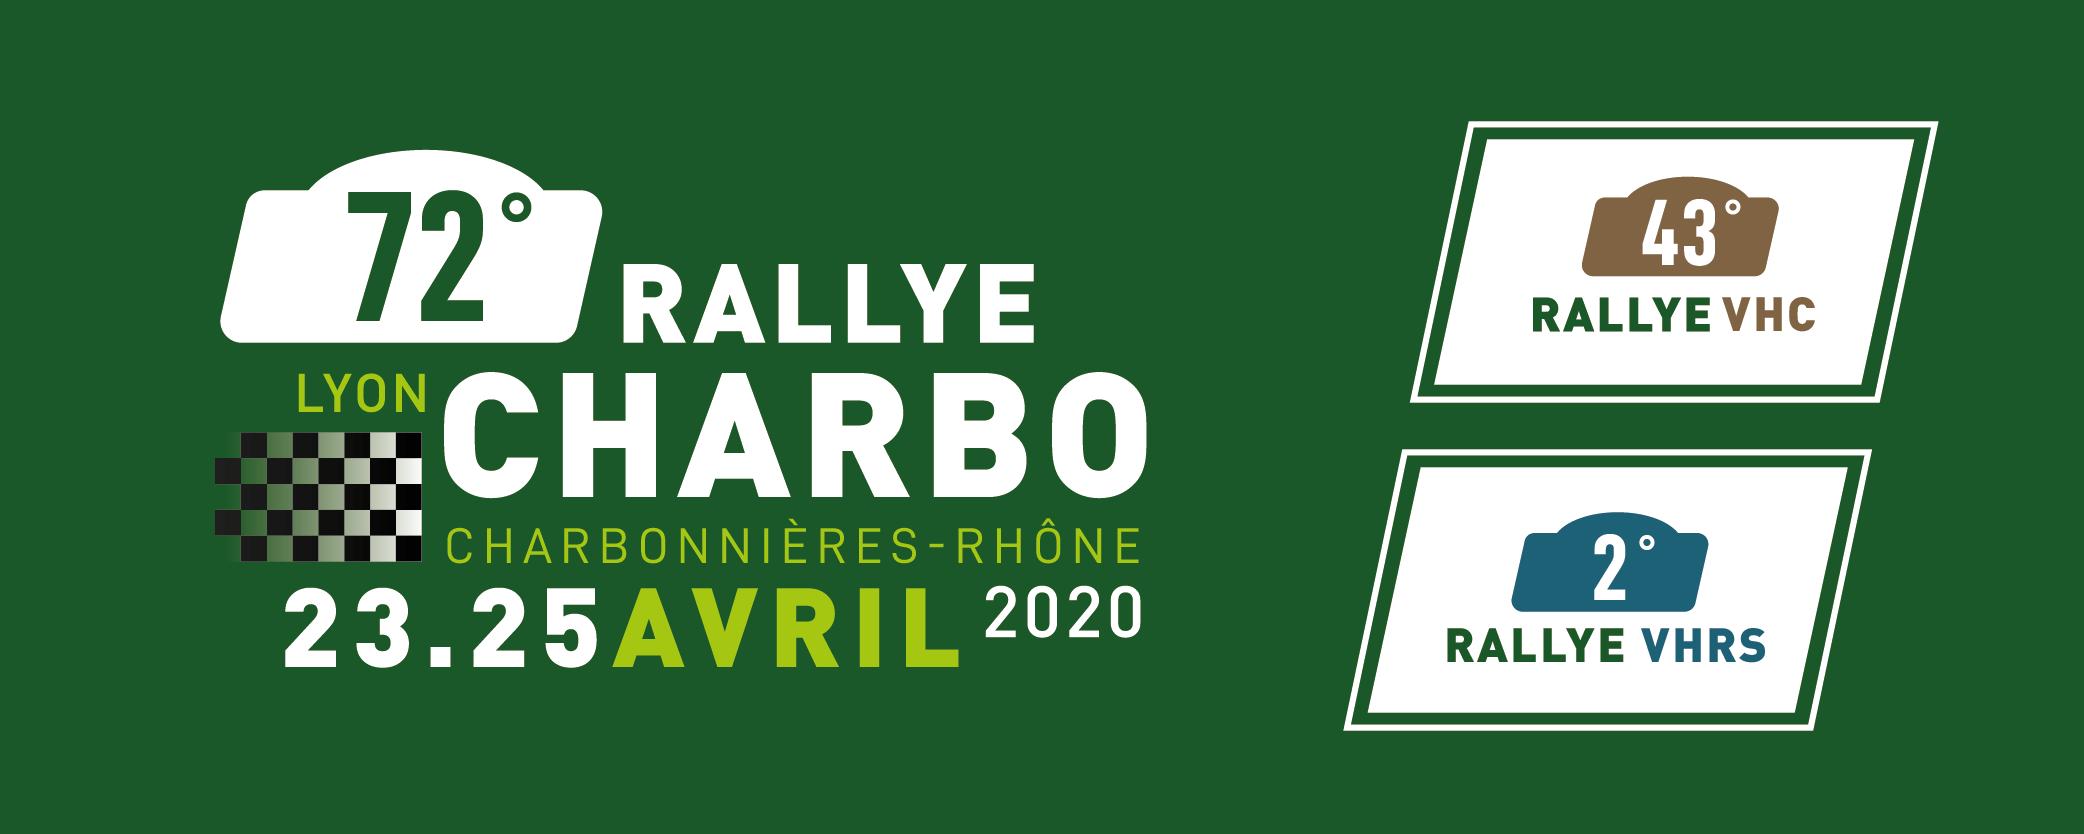 Rallye Lyon-Charbonnières-Rhône